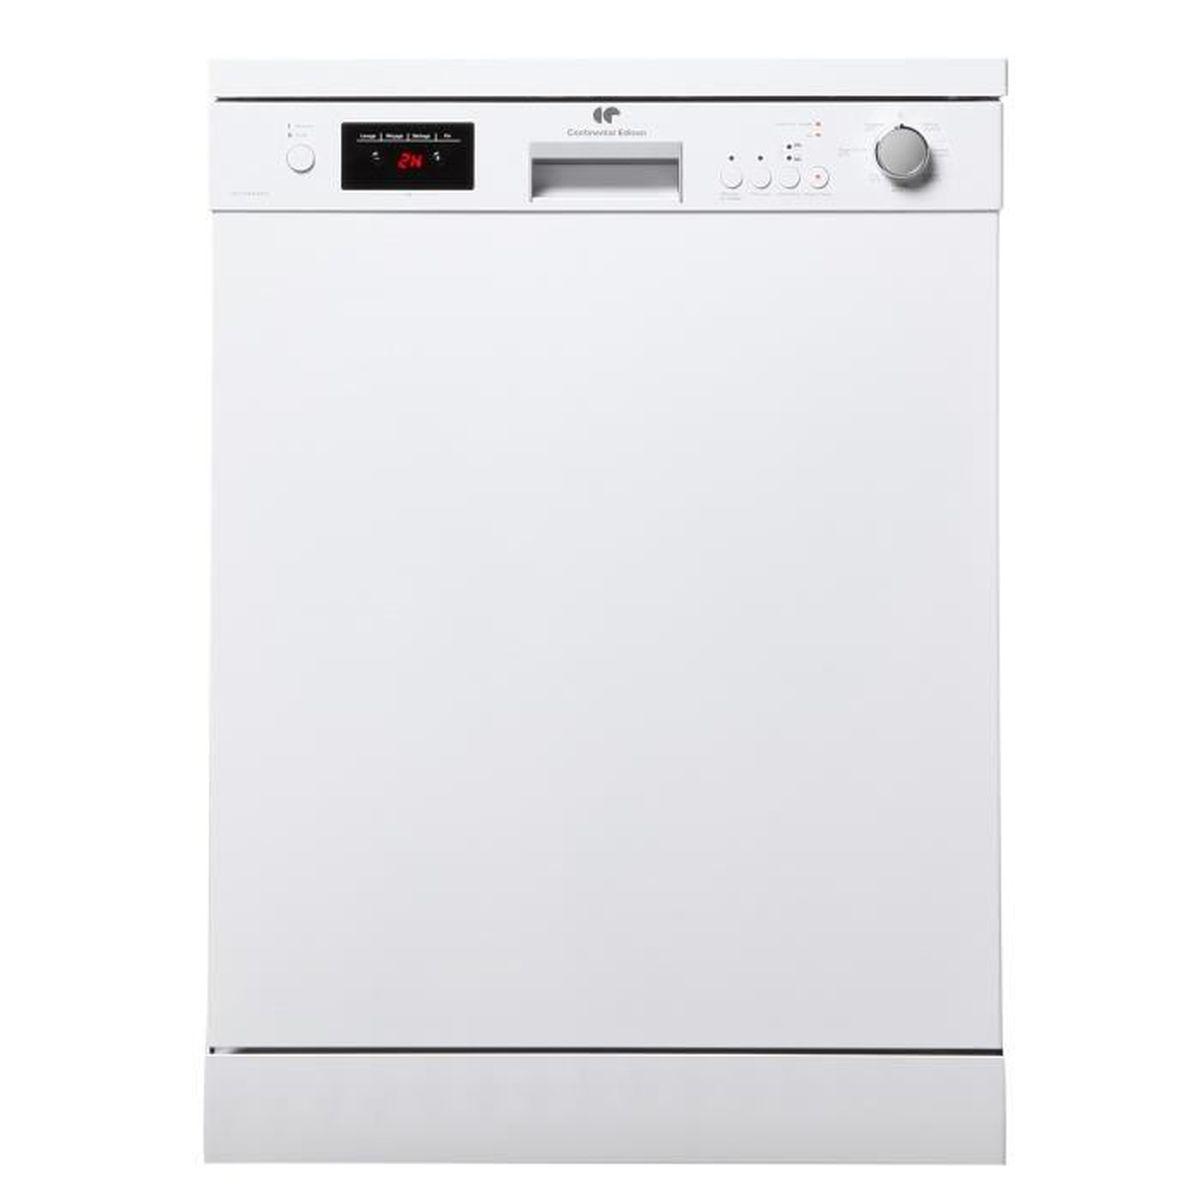 Continental edison celv1445ledw lave vaisselle achat vente lave vaisselle - Achat noel paiement differe ...